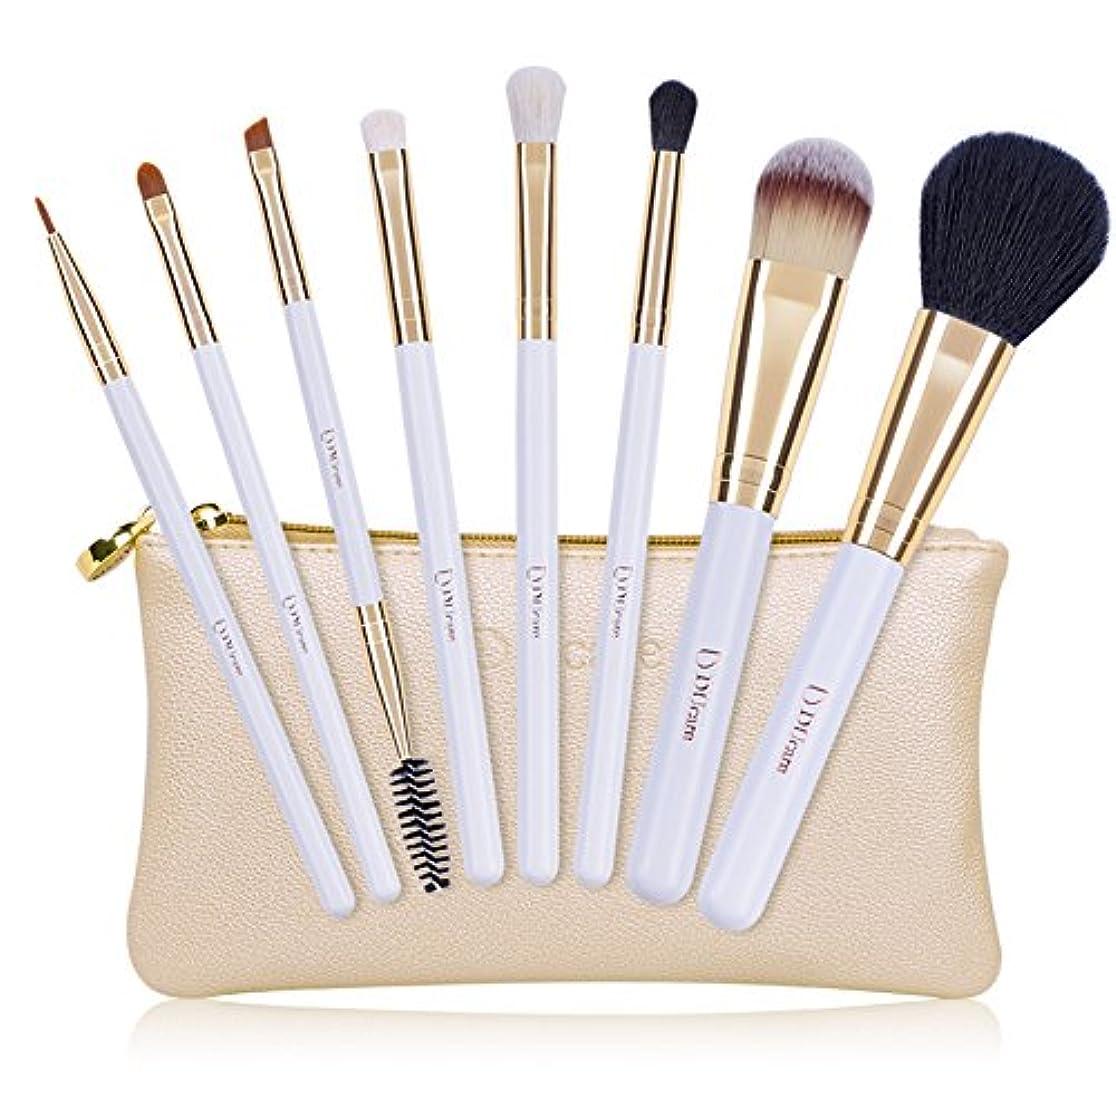 ブートルール空白ドゥケア(DUcare) 化粧筆 メイクブラシ 8本セット 白尖峰&高級タクロン使用 ゴールドのレザー風化粧ポーチ付き